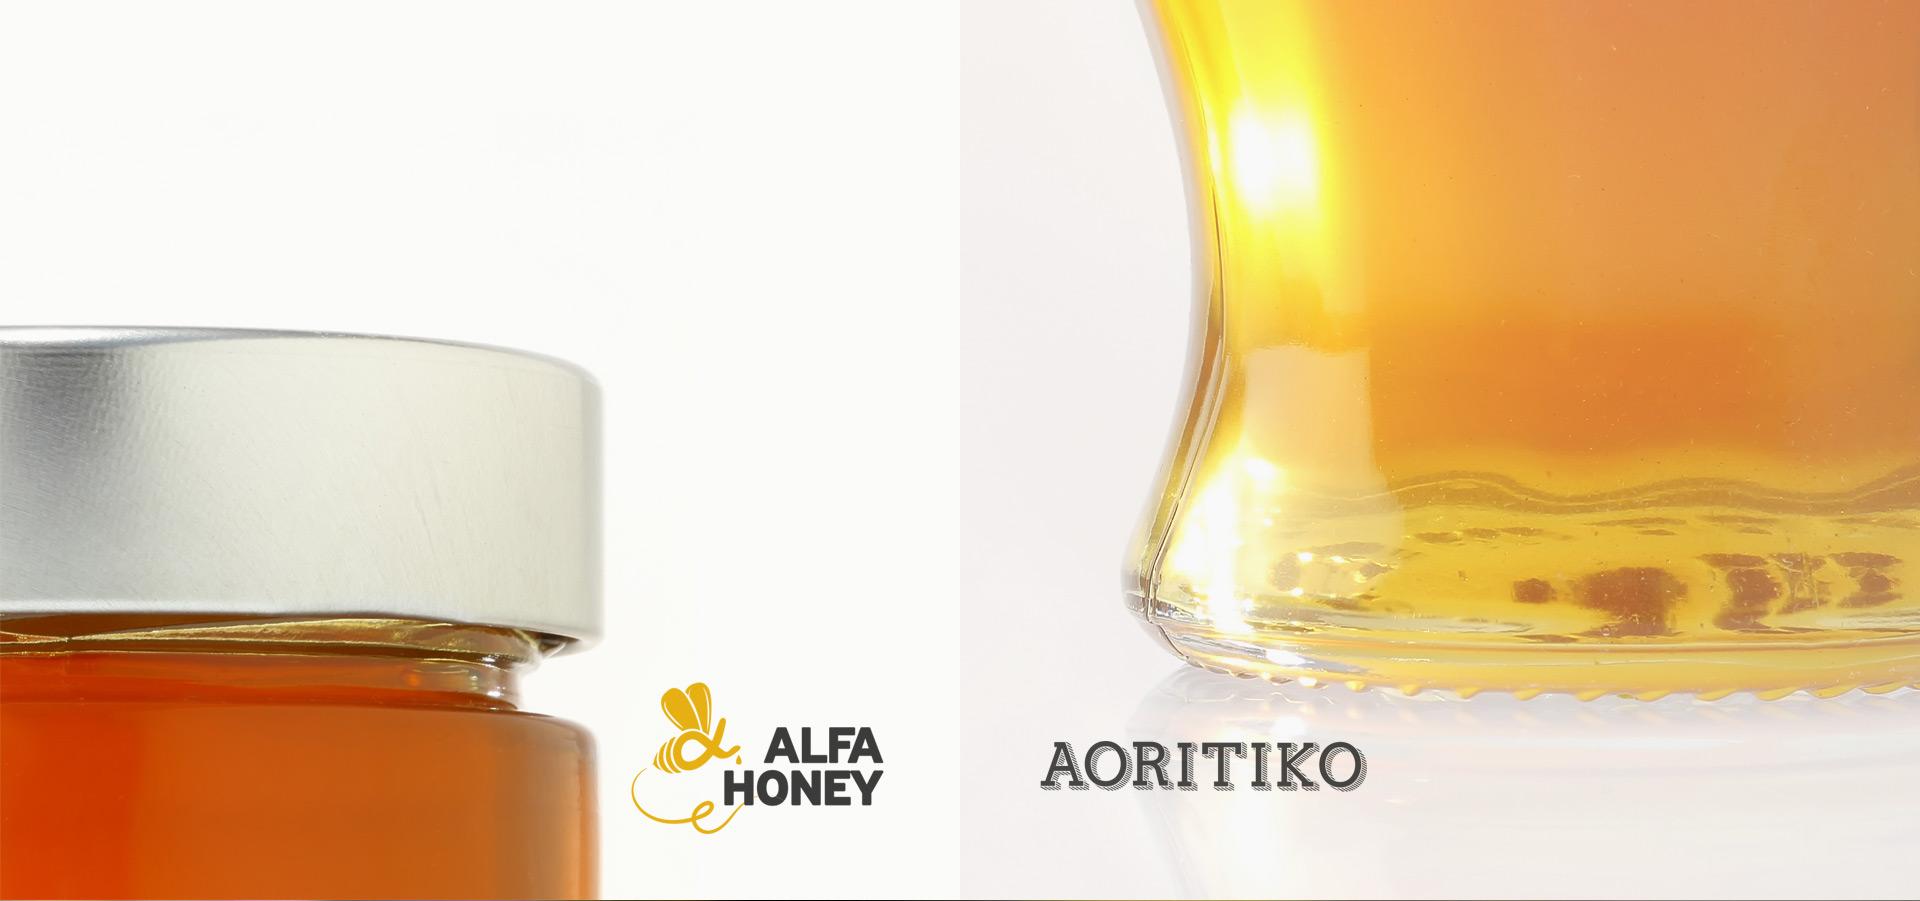 Προϊόντα, Μέλι, Μελι Αοριτικο, Μελι ΑΛφα